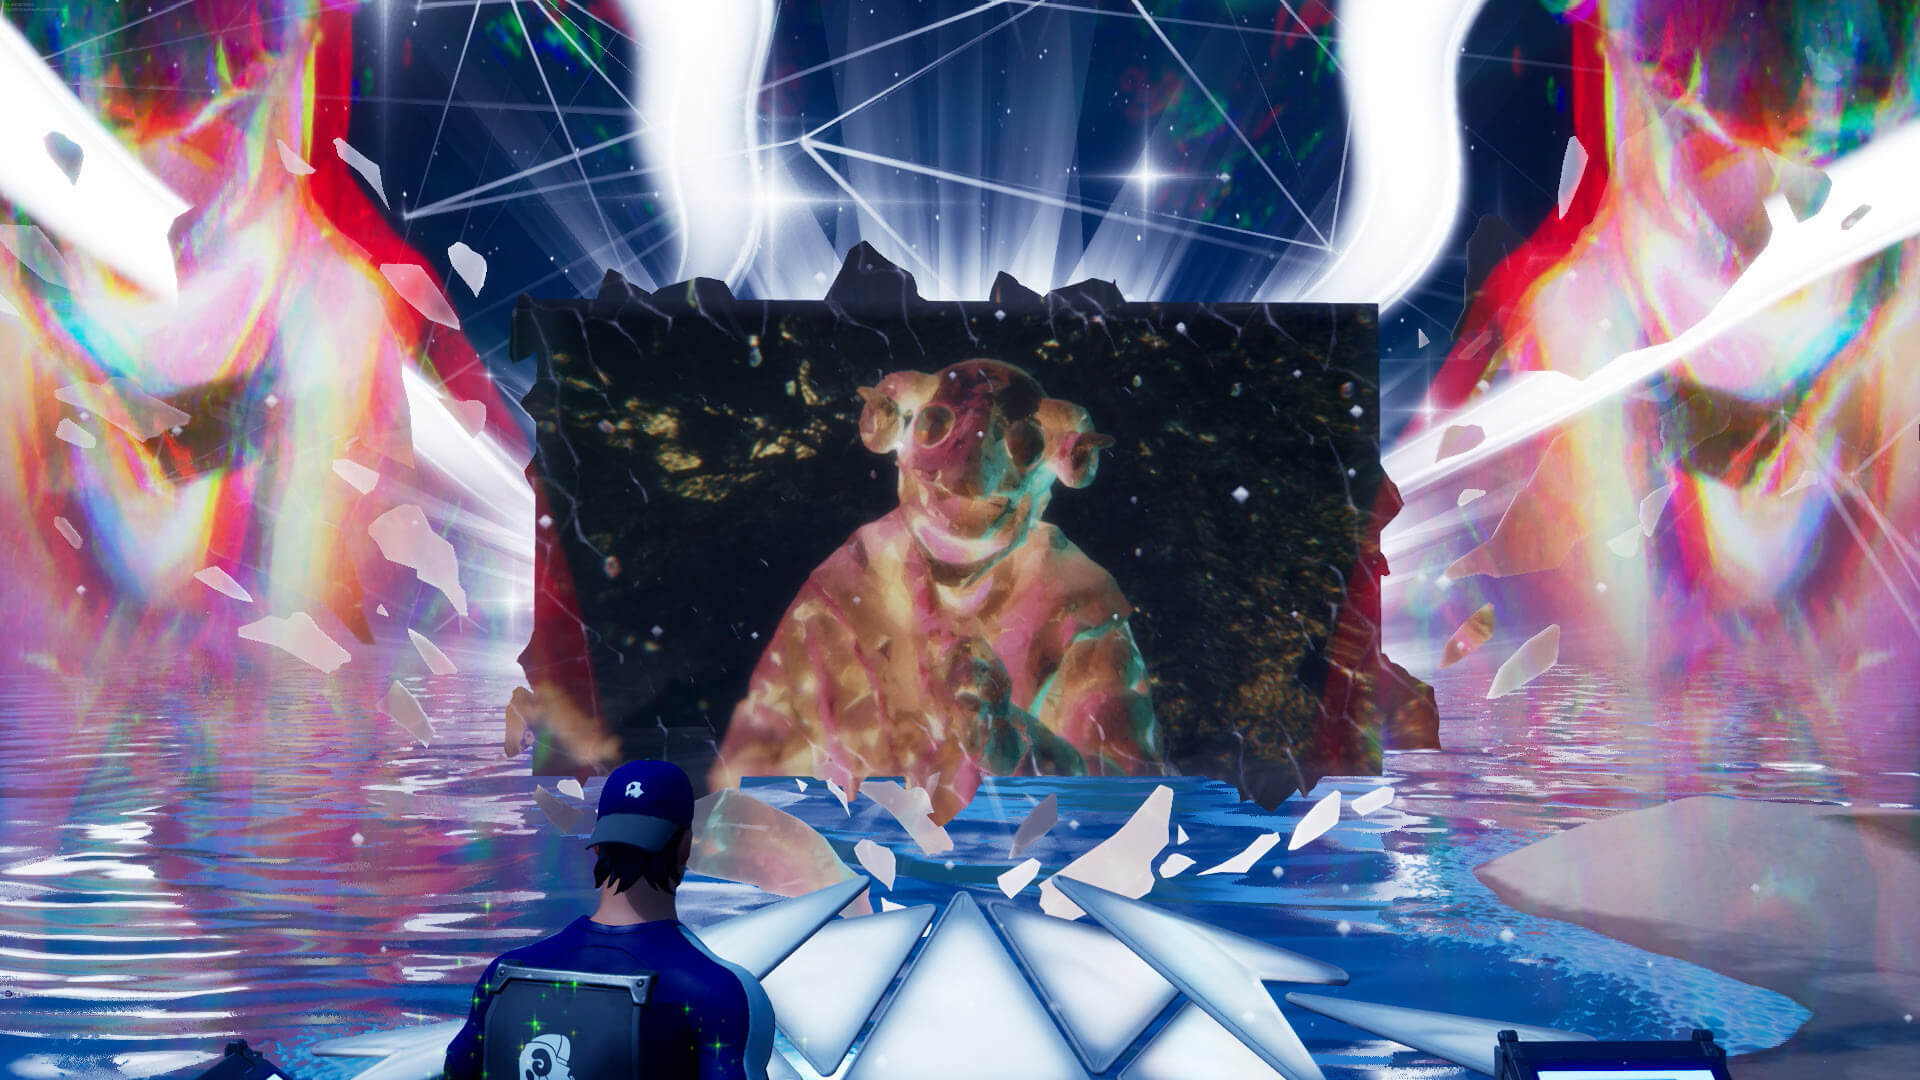 """米津玄師、『フォートナイト』パーティーロイヤルで""""新しく美しい一瞬""""を世界中のファンと共有! tech200807_yonezukenshi_fortnite_10"""